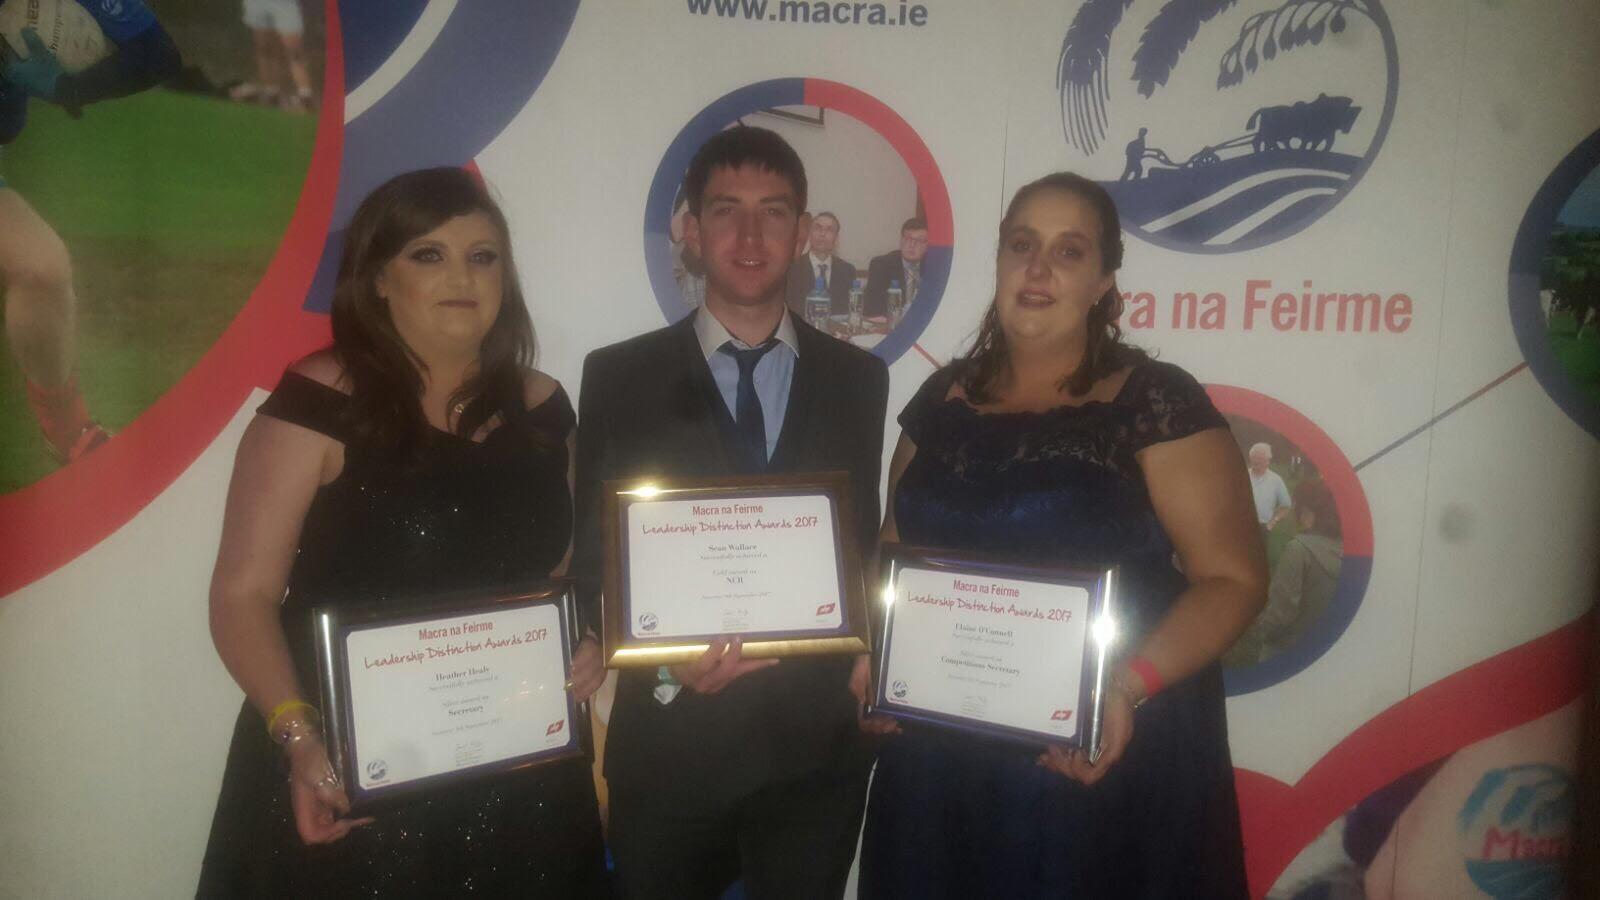 Macra awards 3